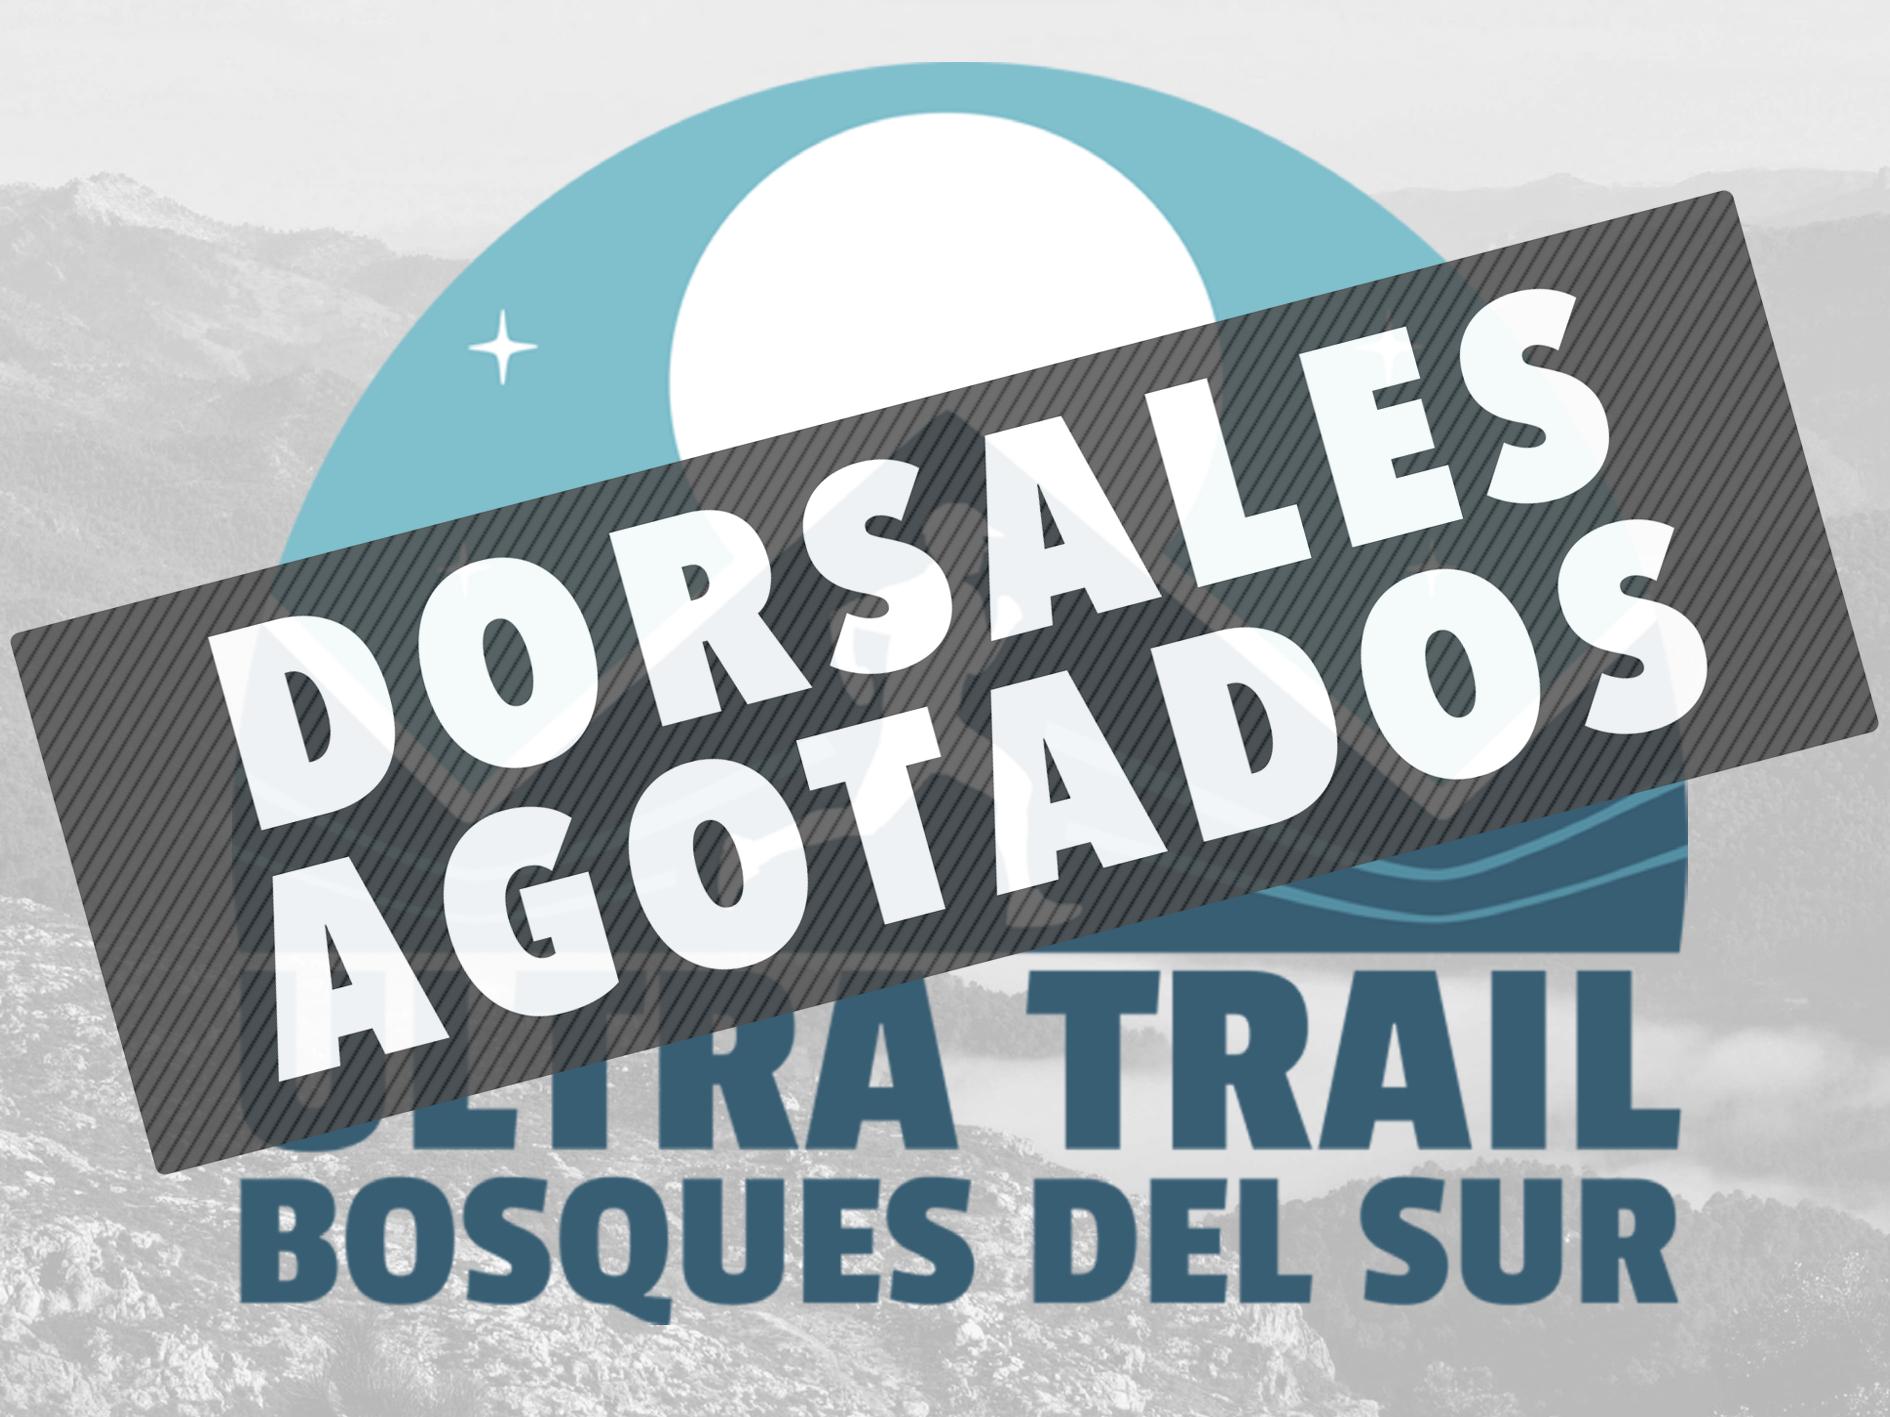 2d778a02 Ultra Trail Bosques del Sur | Carrera por montaña que recorre el ...